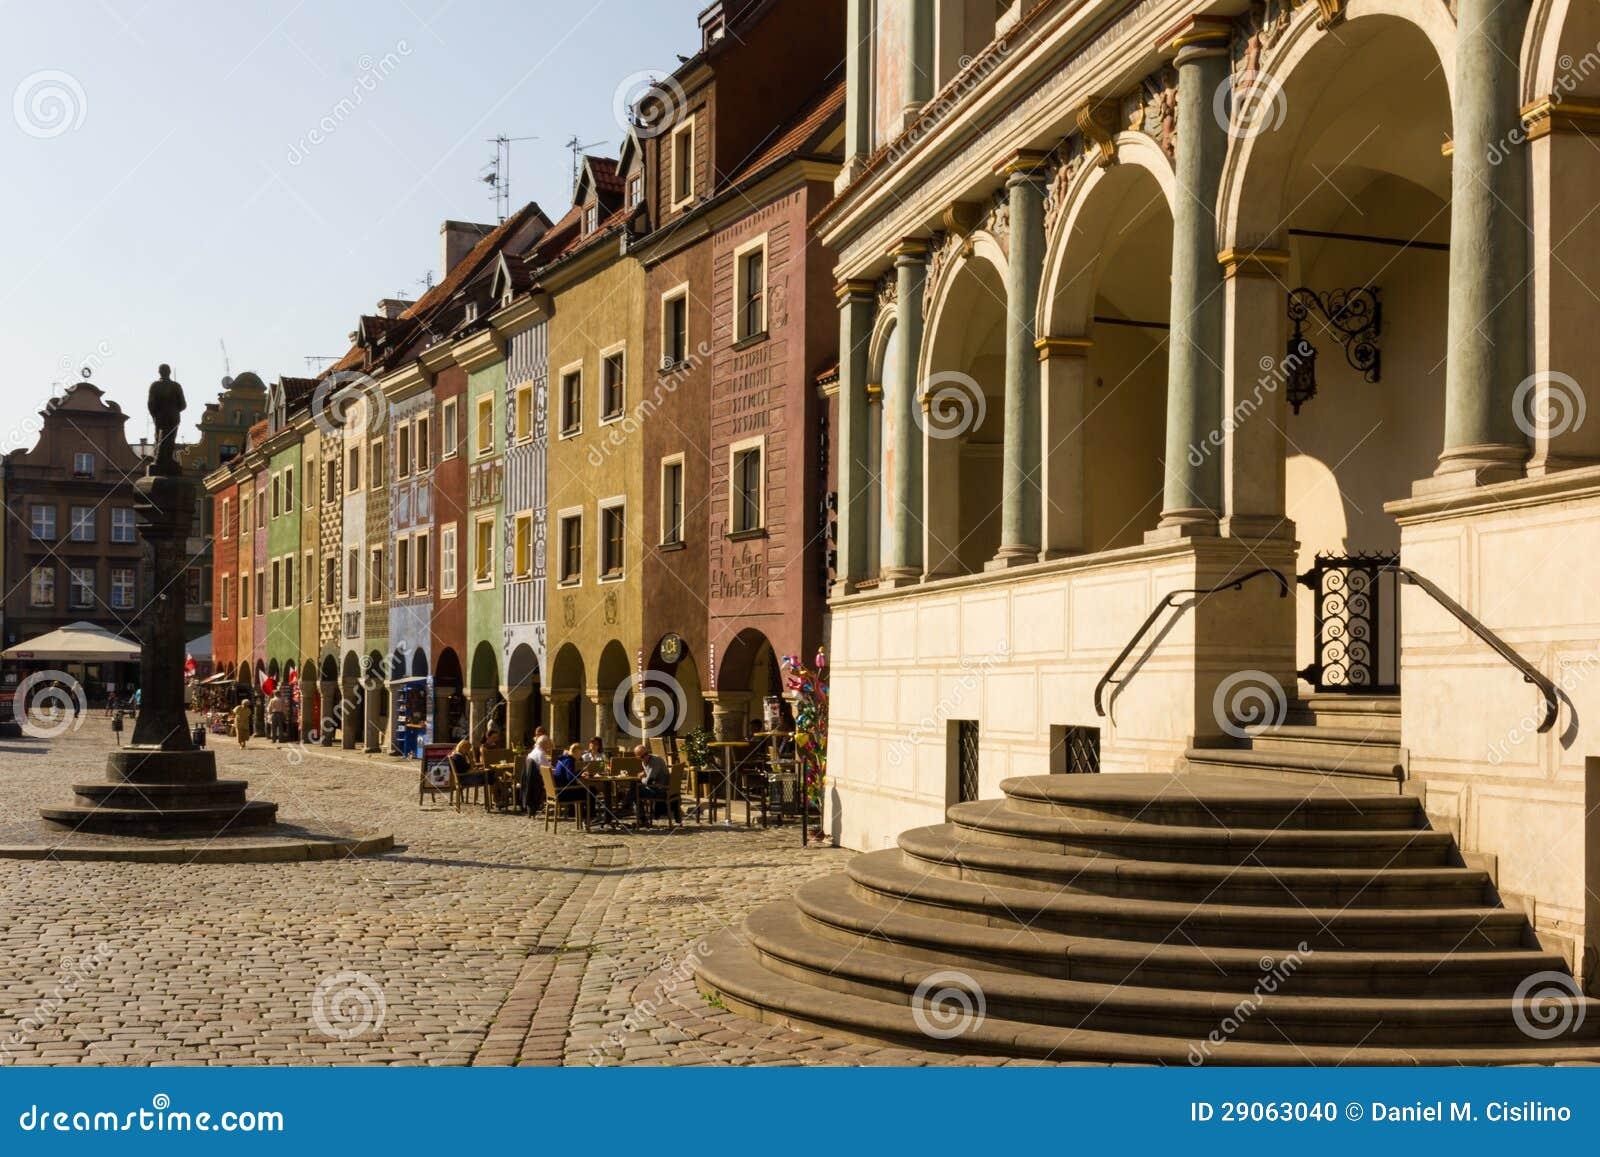 Municipio & case dei commercianti nel quadrato del mercato. Poznan. La Polonia